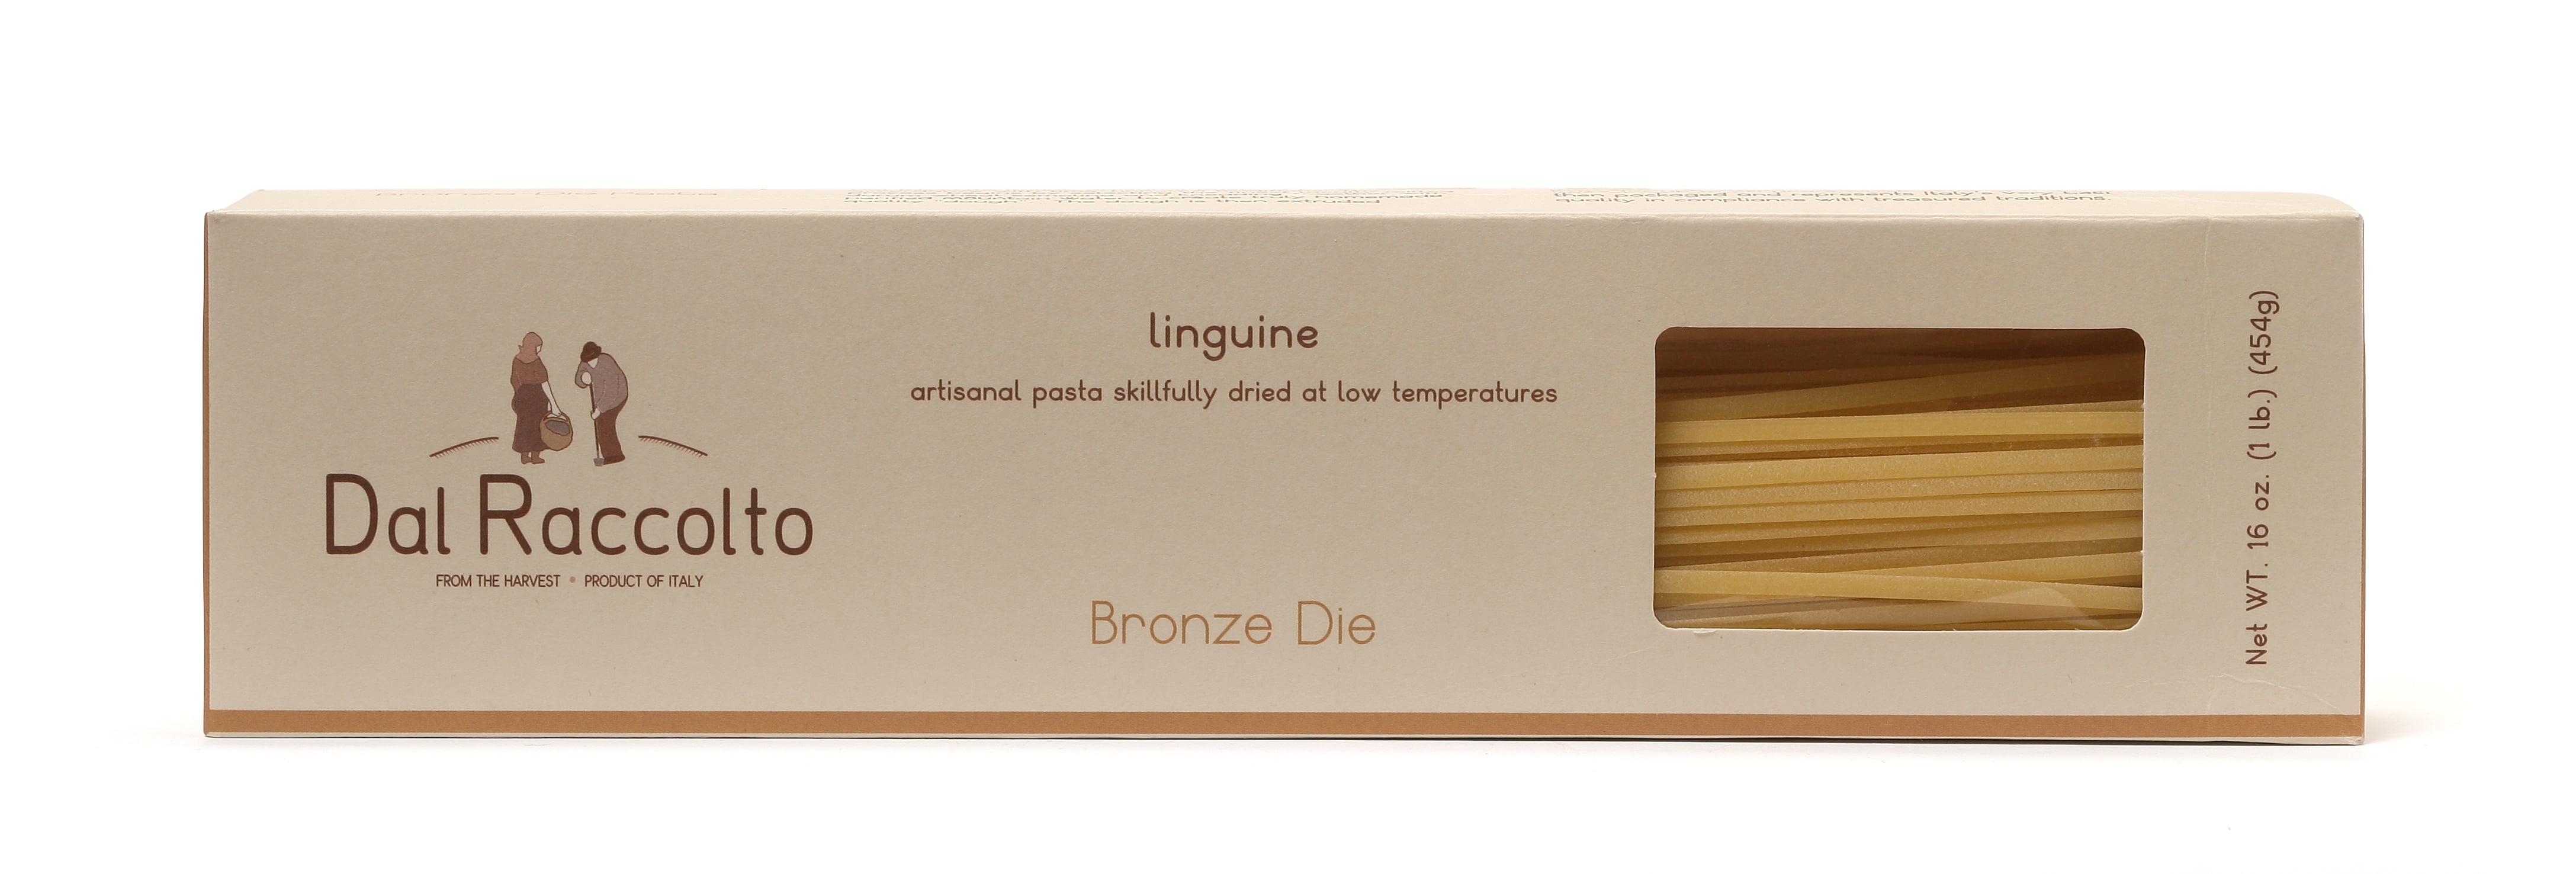 Dal Raccolto Linguine Pasta 1 Lb by Colavita